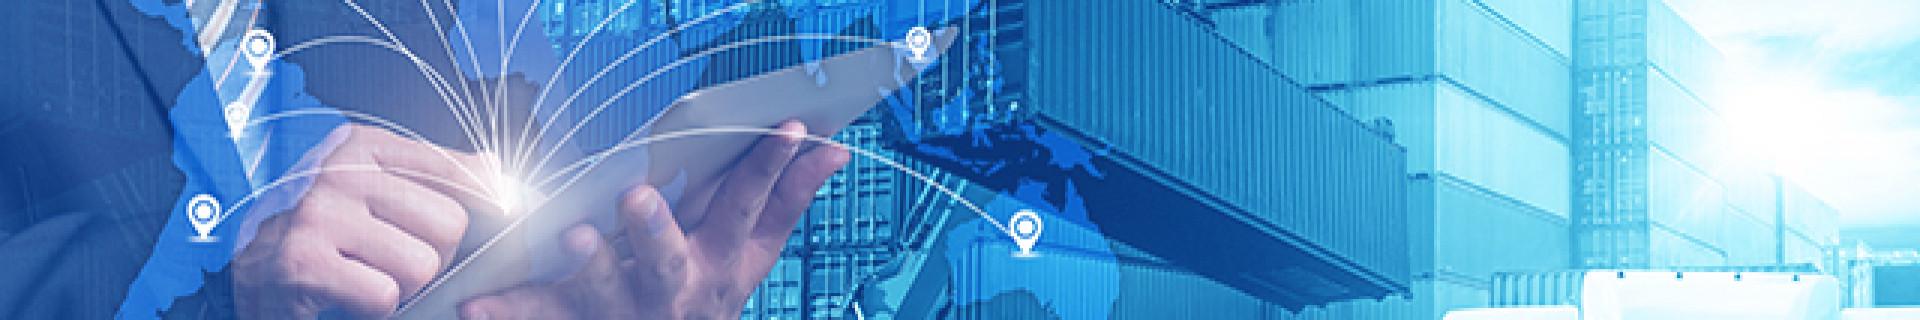 Е-търговия и еко система на логистични и  доставни процеси